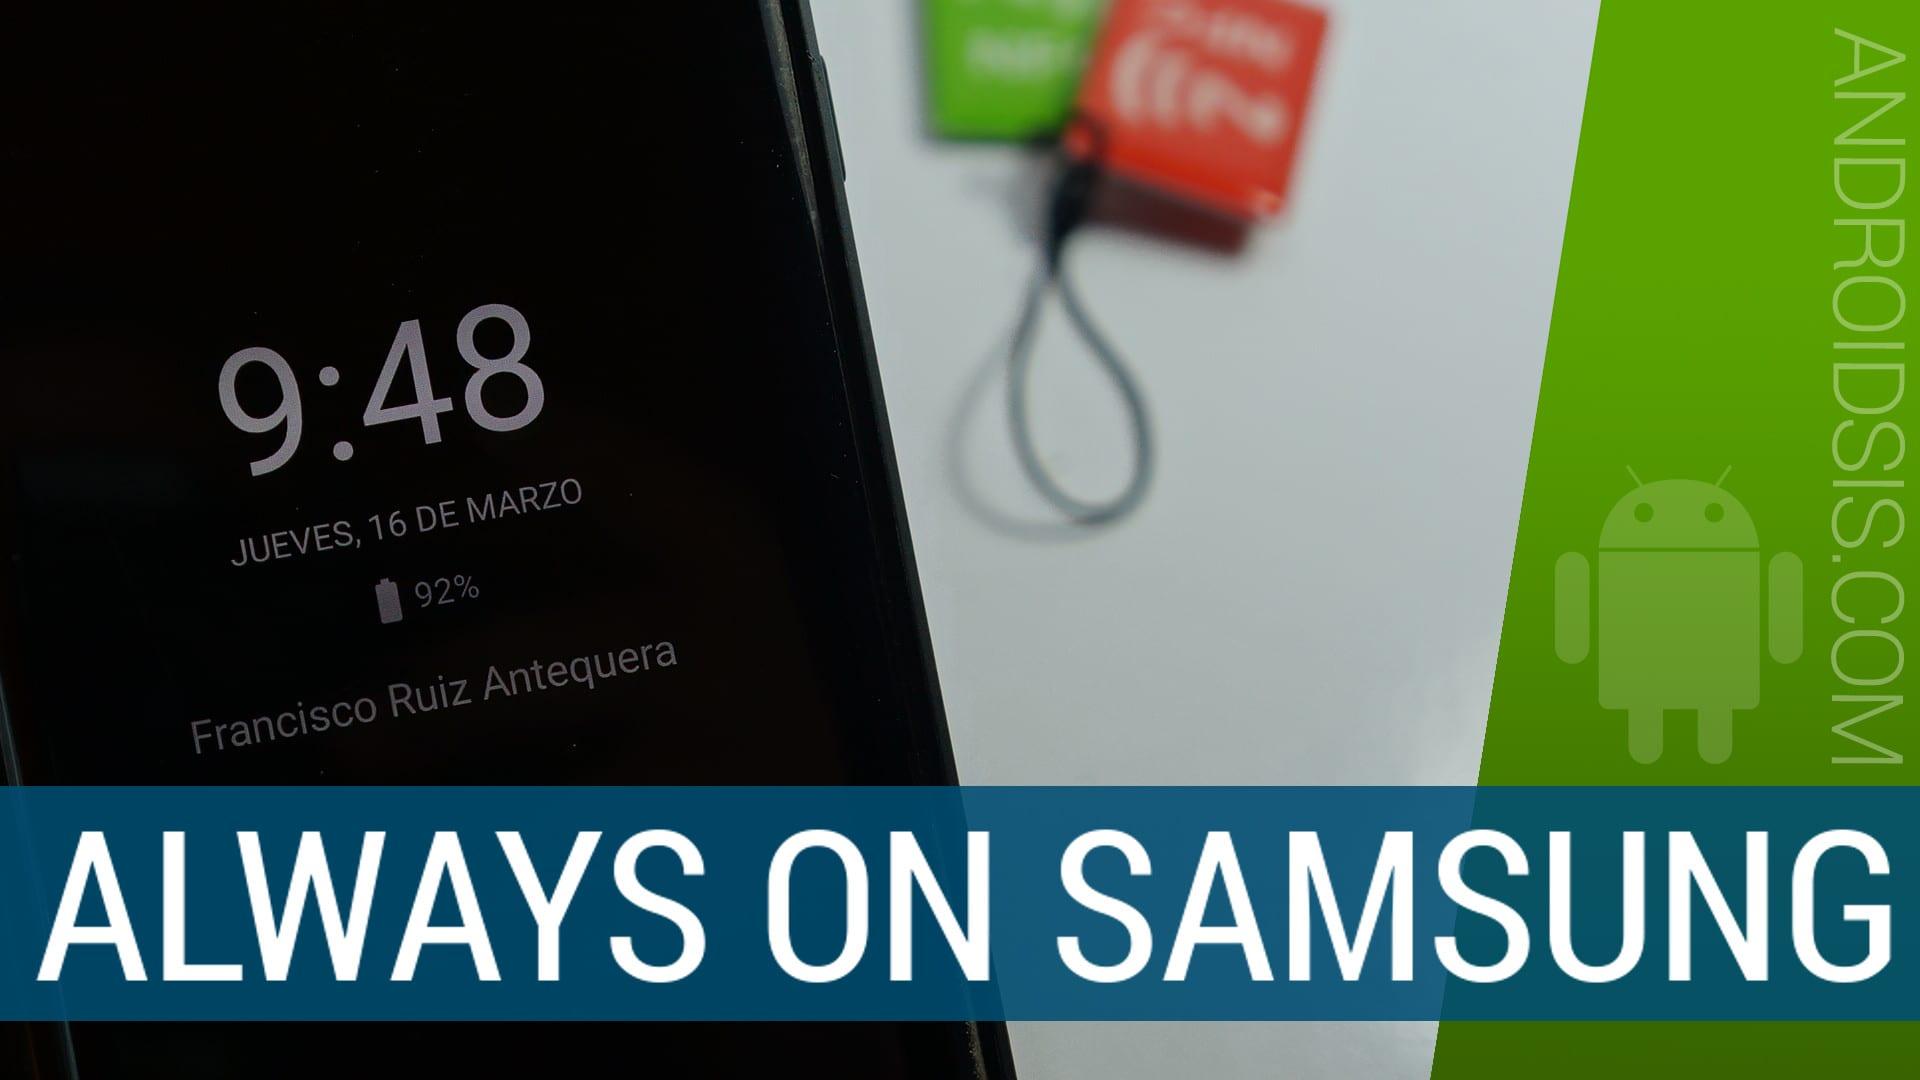 La mejor app para simular el Always On del Galaxy S7